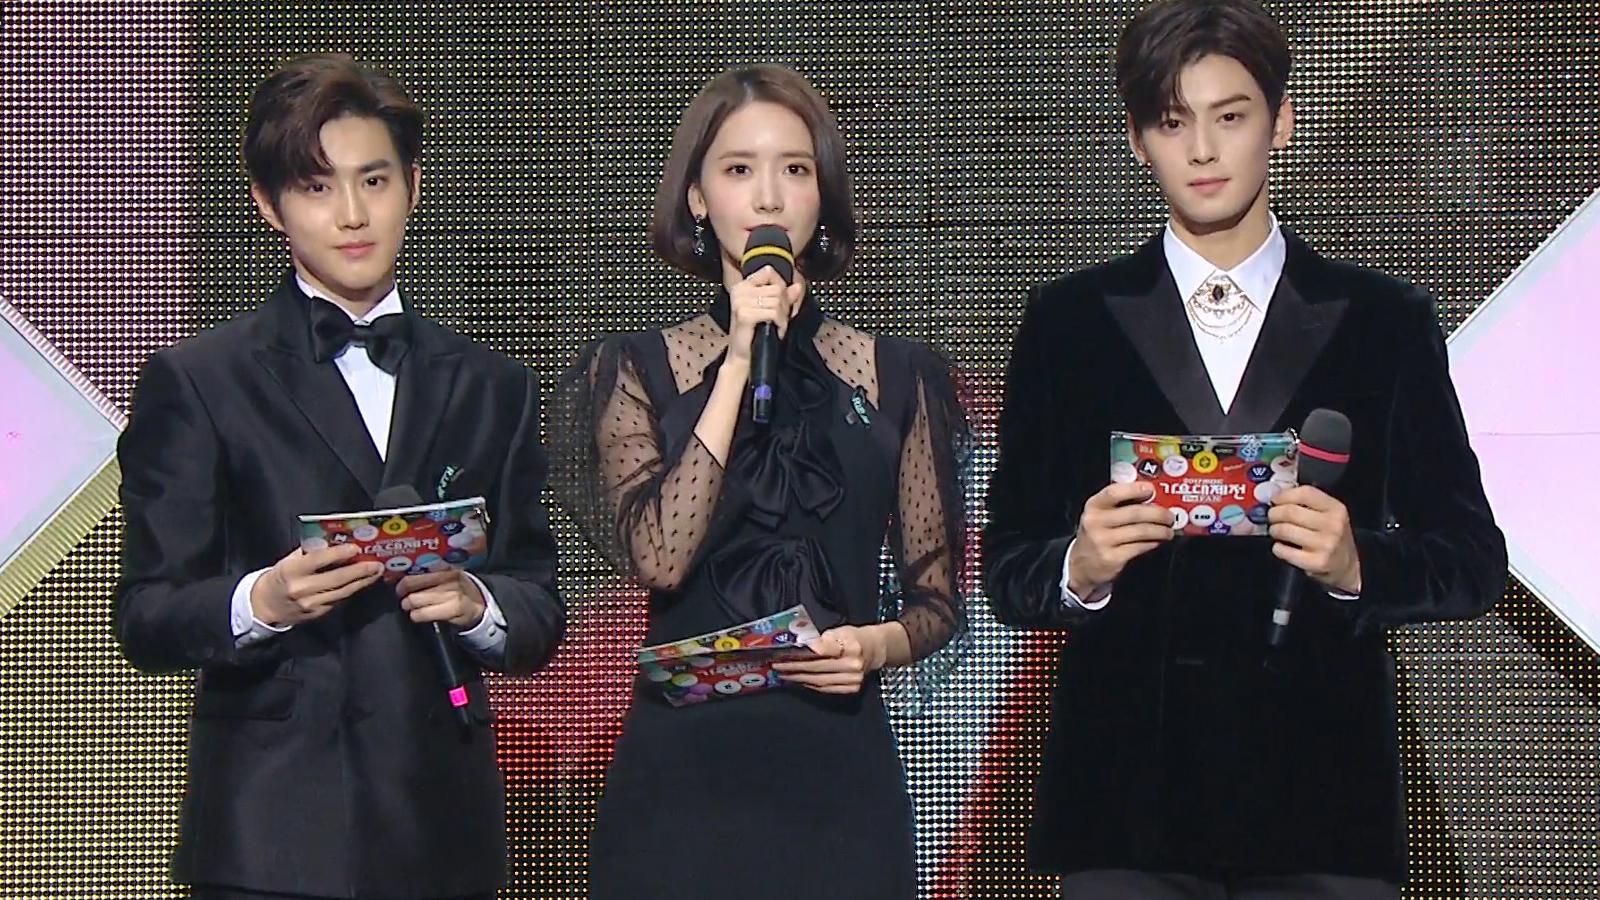 2017 MBC Music Festival Episode 1